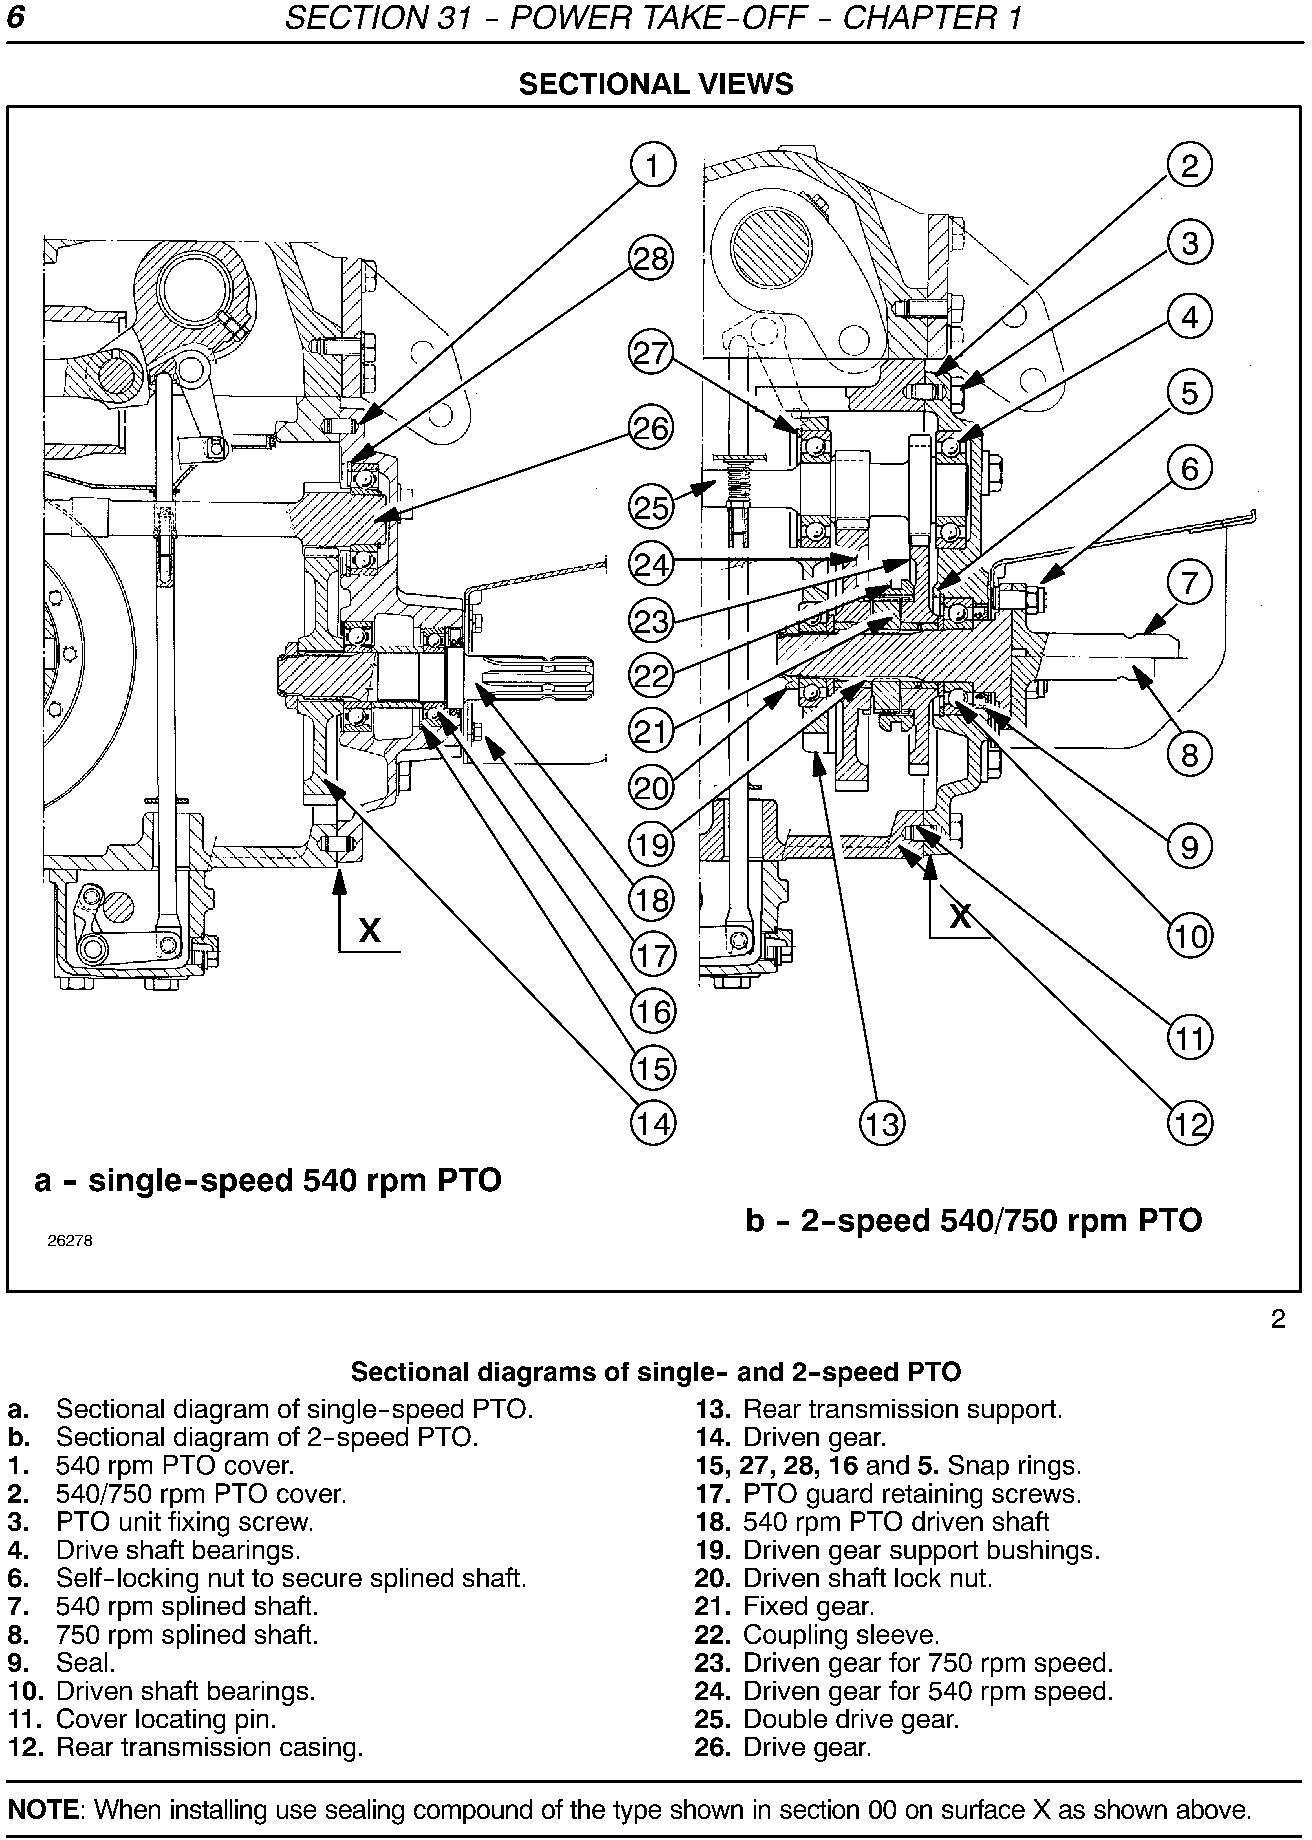 New Holland TD5030, TD5040, TD5050 Tractors Service Manual - 2